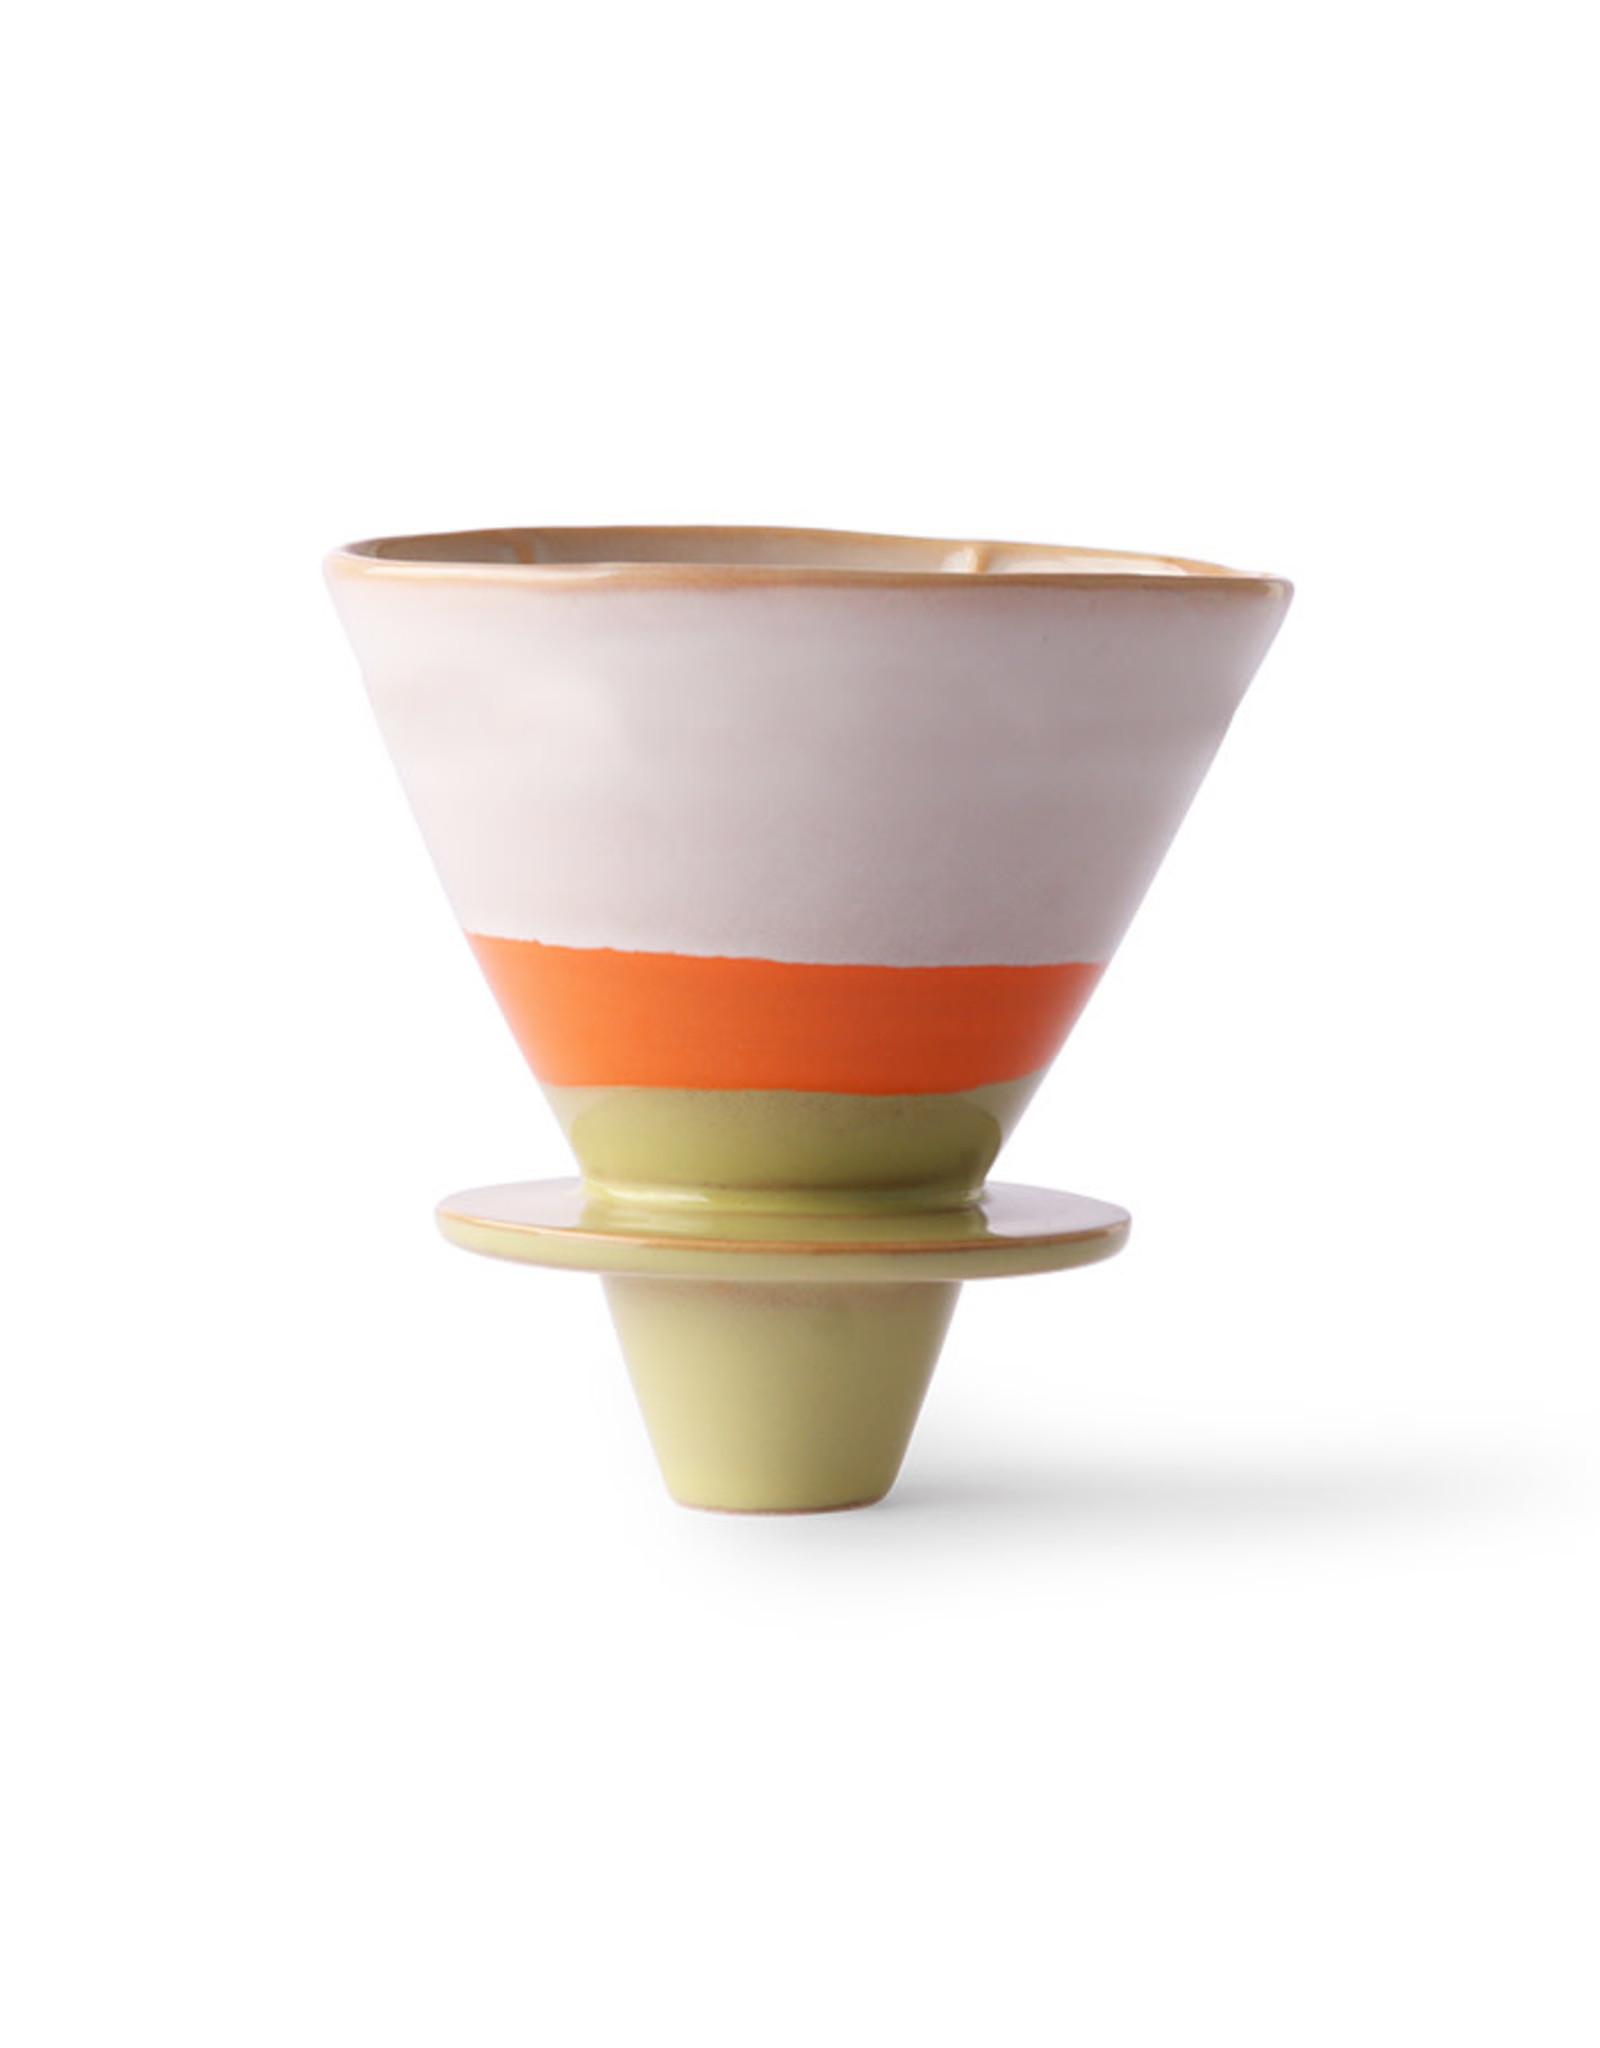 HKliving HKliving 70's Ceramics Coffee Filter